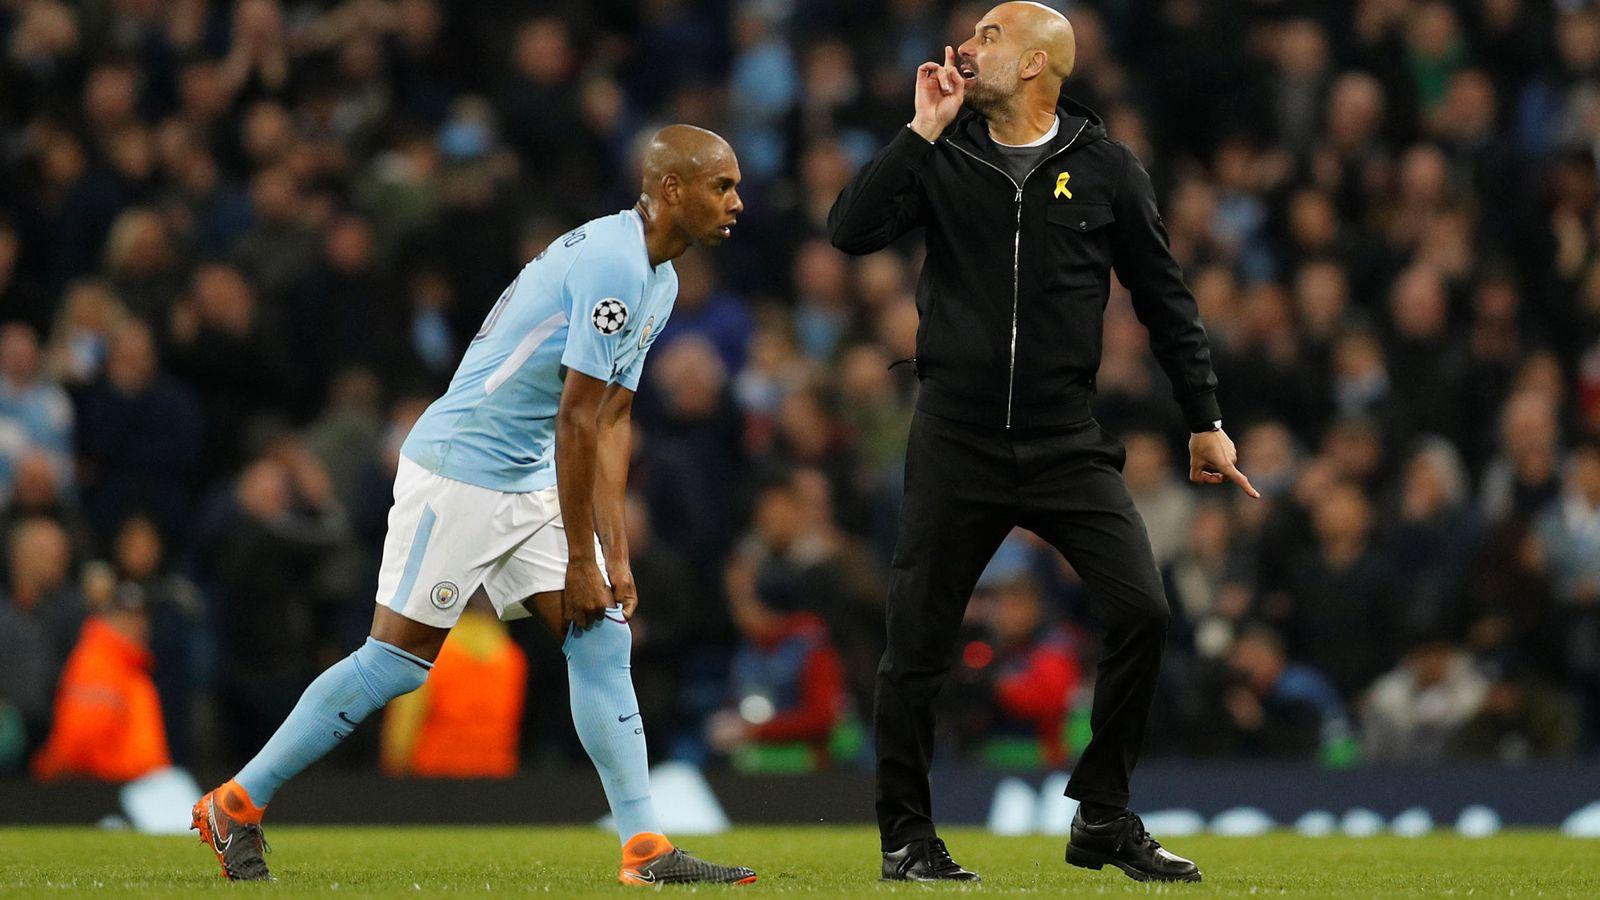 Foto: Uno de los gestos que le costaron la expulsión a Guardiola ante el Liverpool. (Reuters)